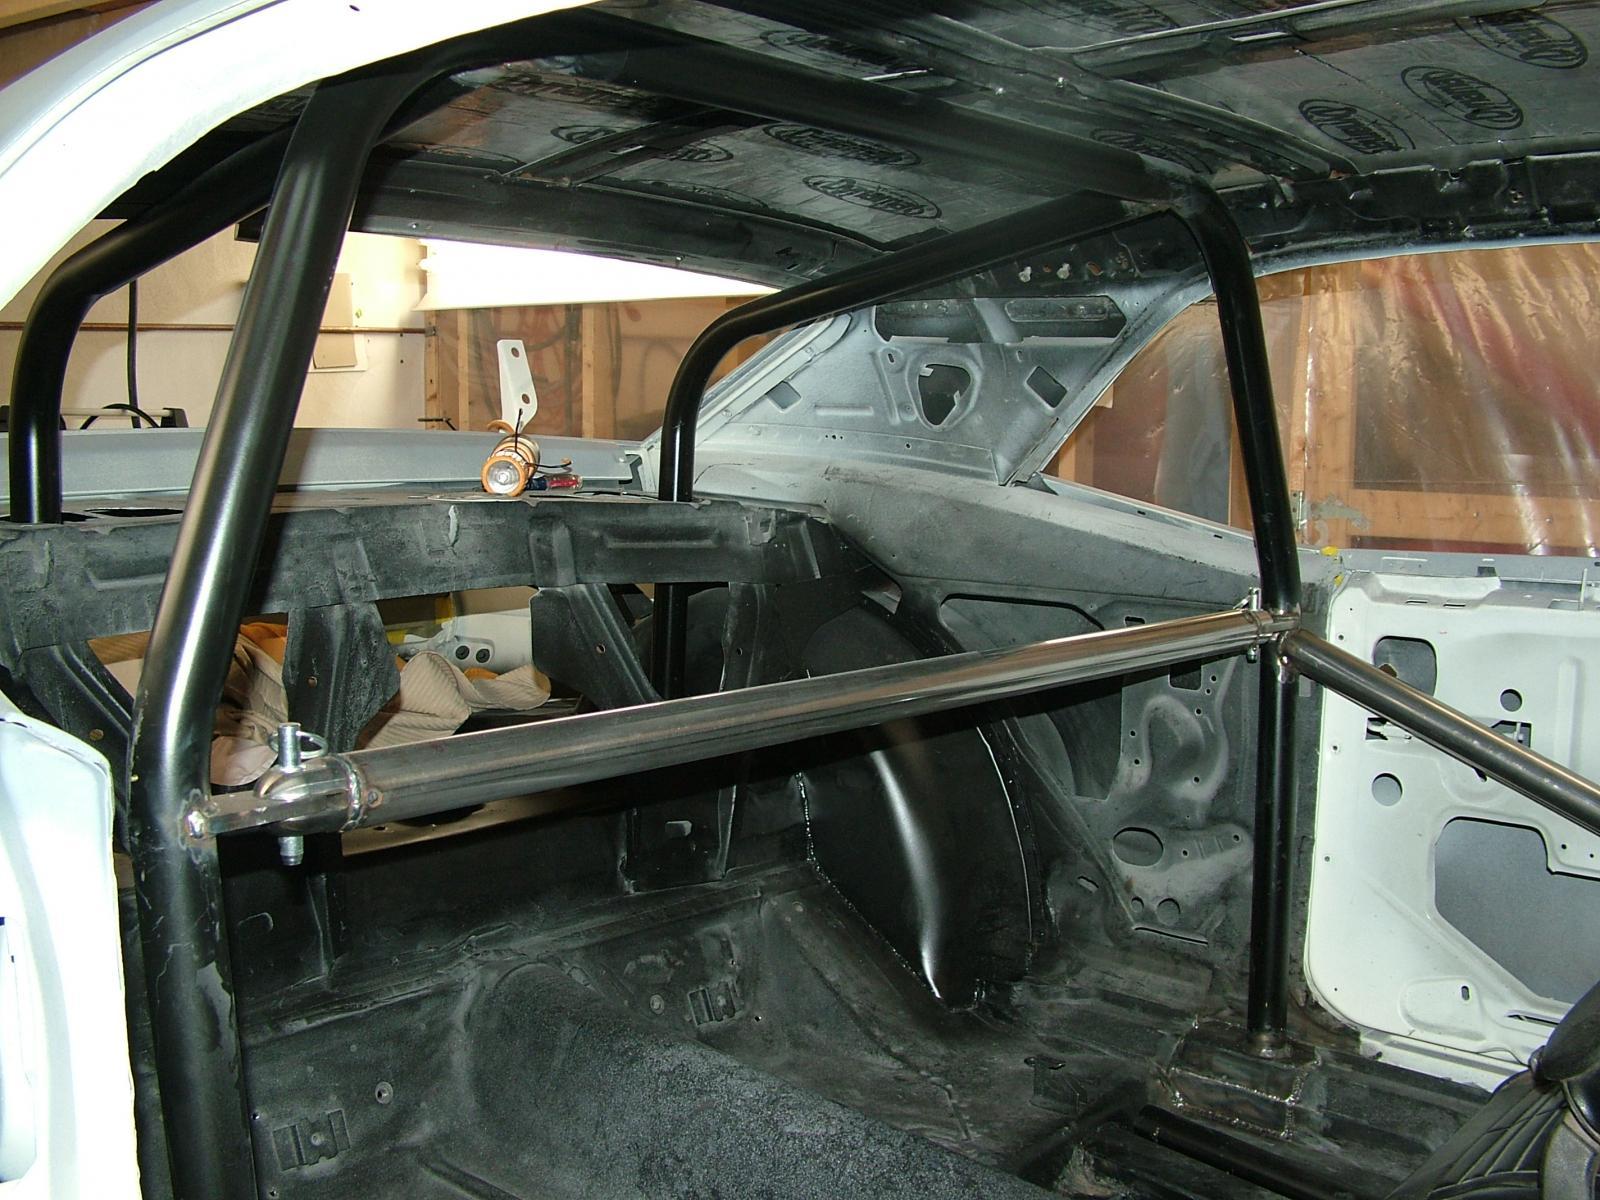 1969 Firebird Ta Clone Track Car Build